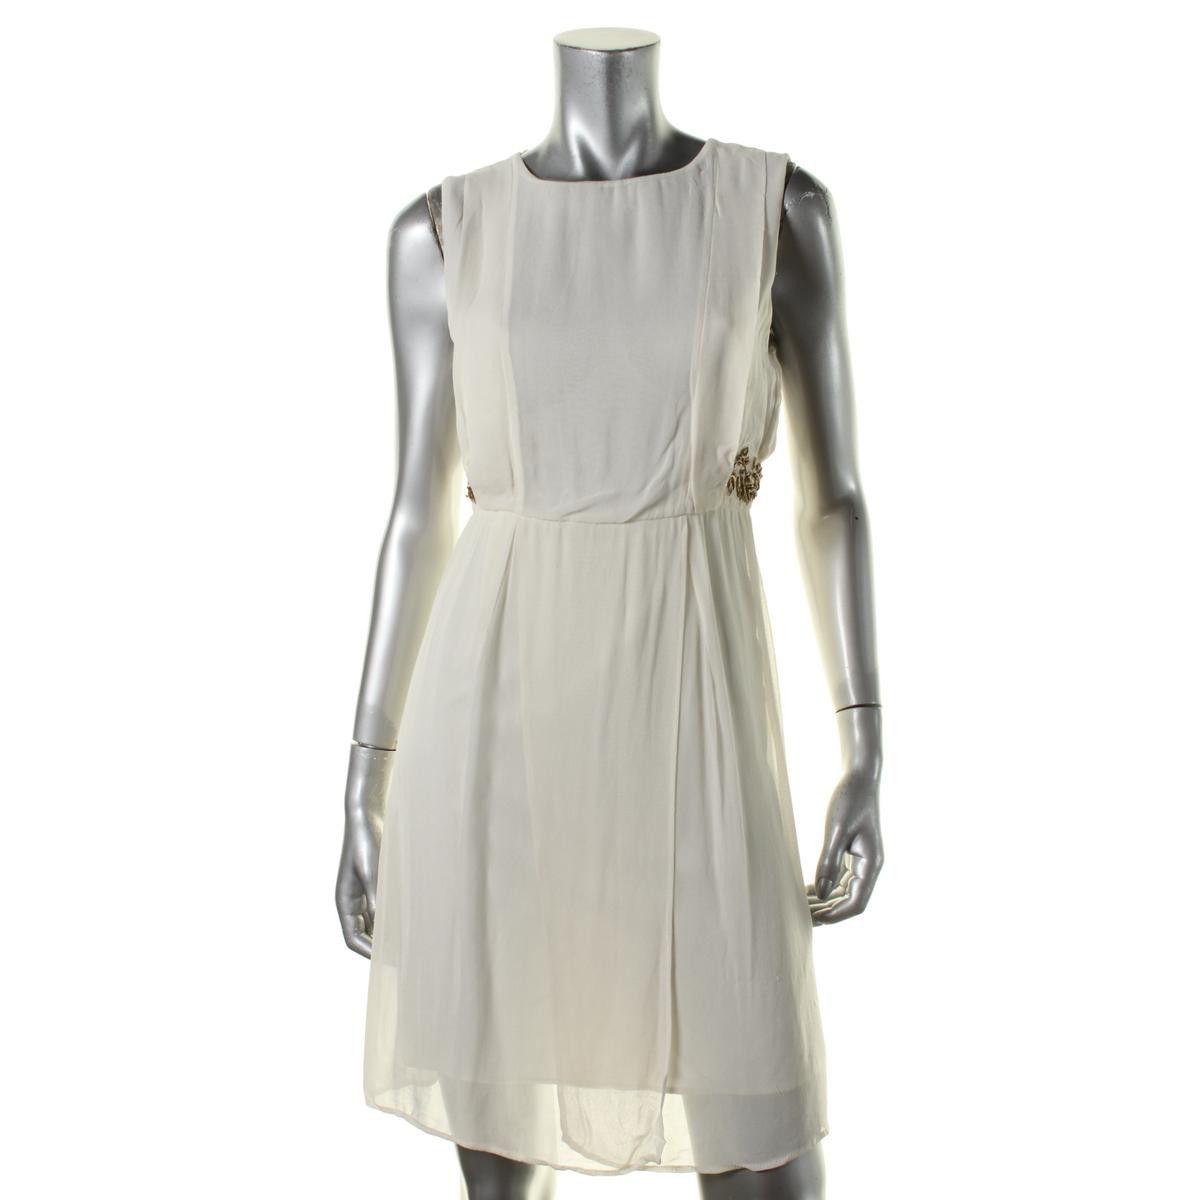 Zara Basic Womens Sleeveless Embellished Casual Dress